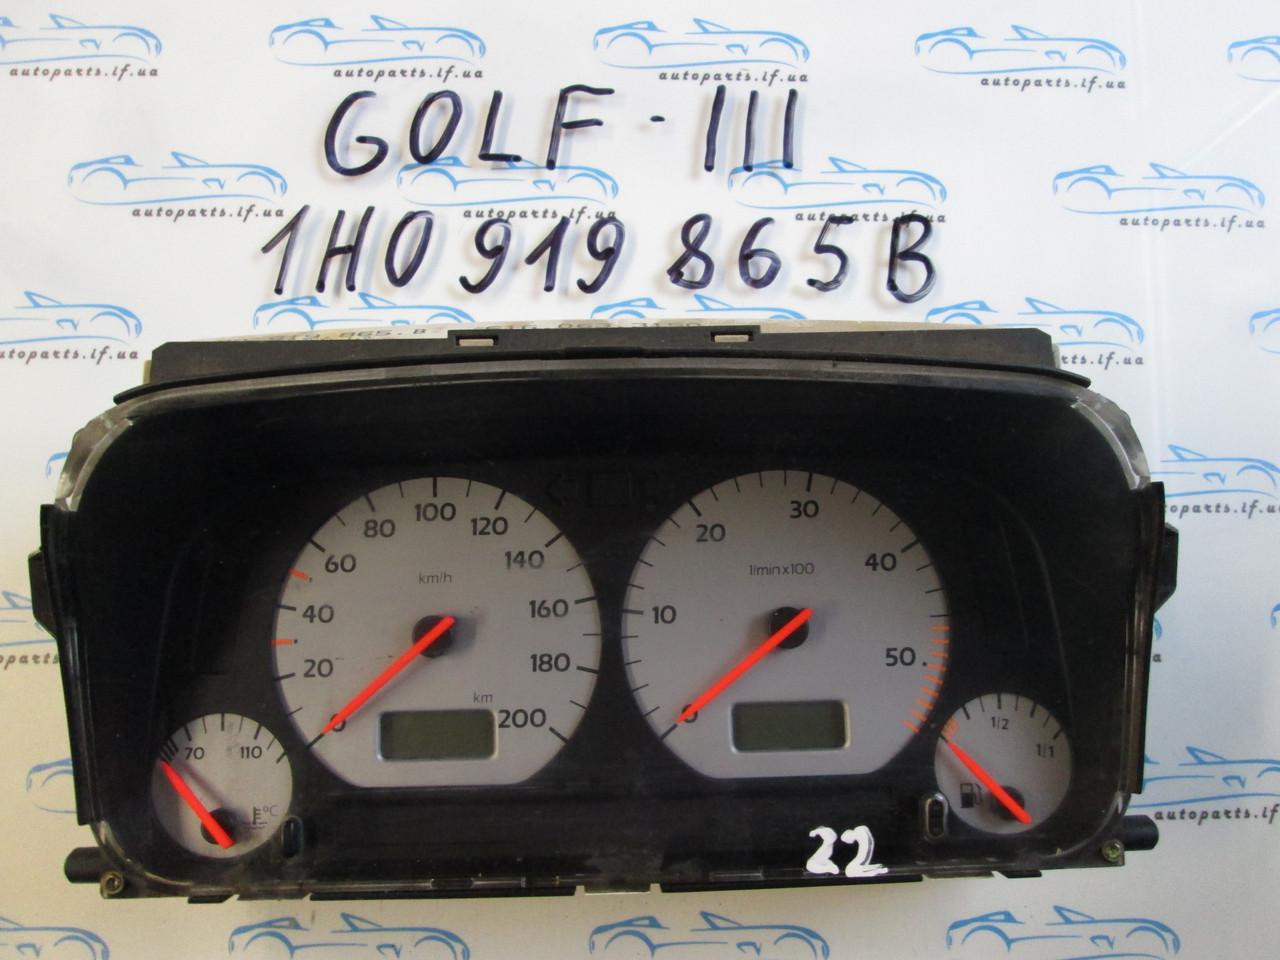 Панель приборов Golf 3, Гольф 3 1H0919865B